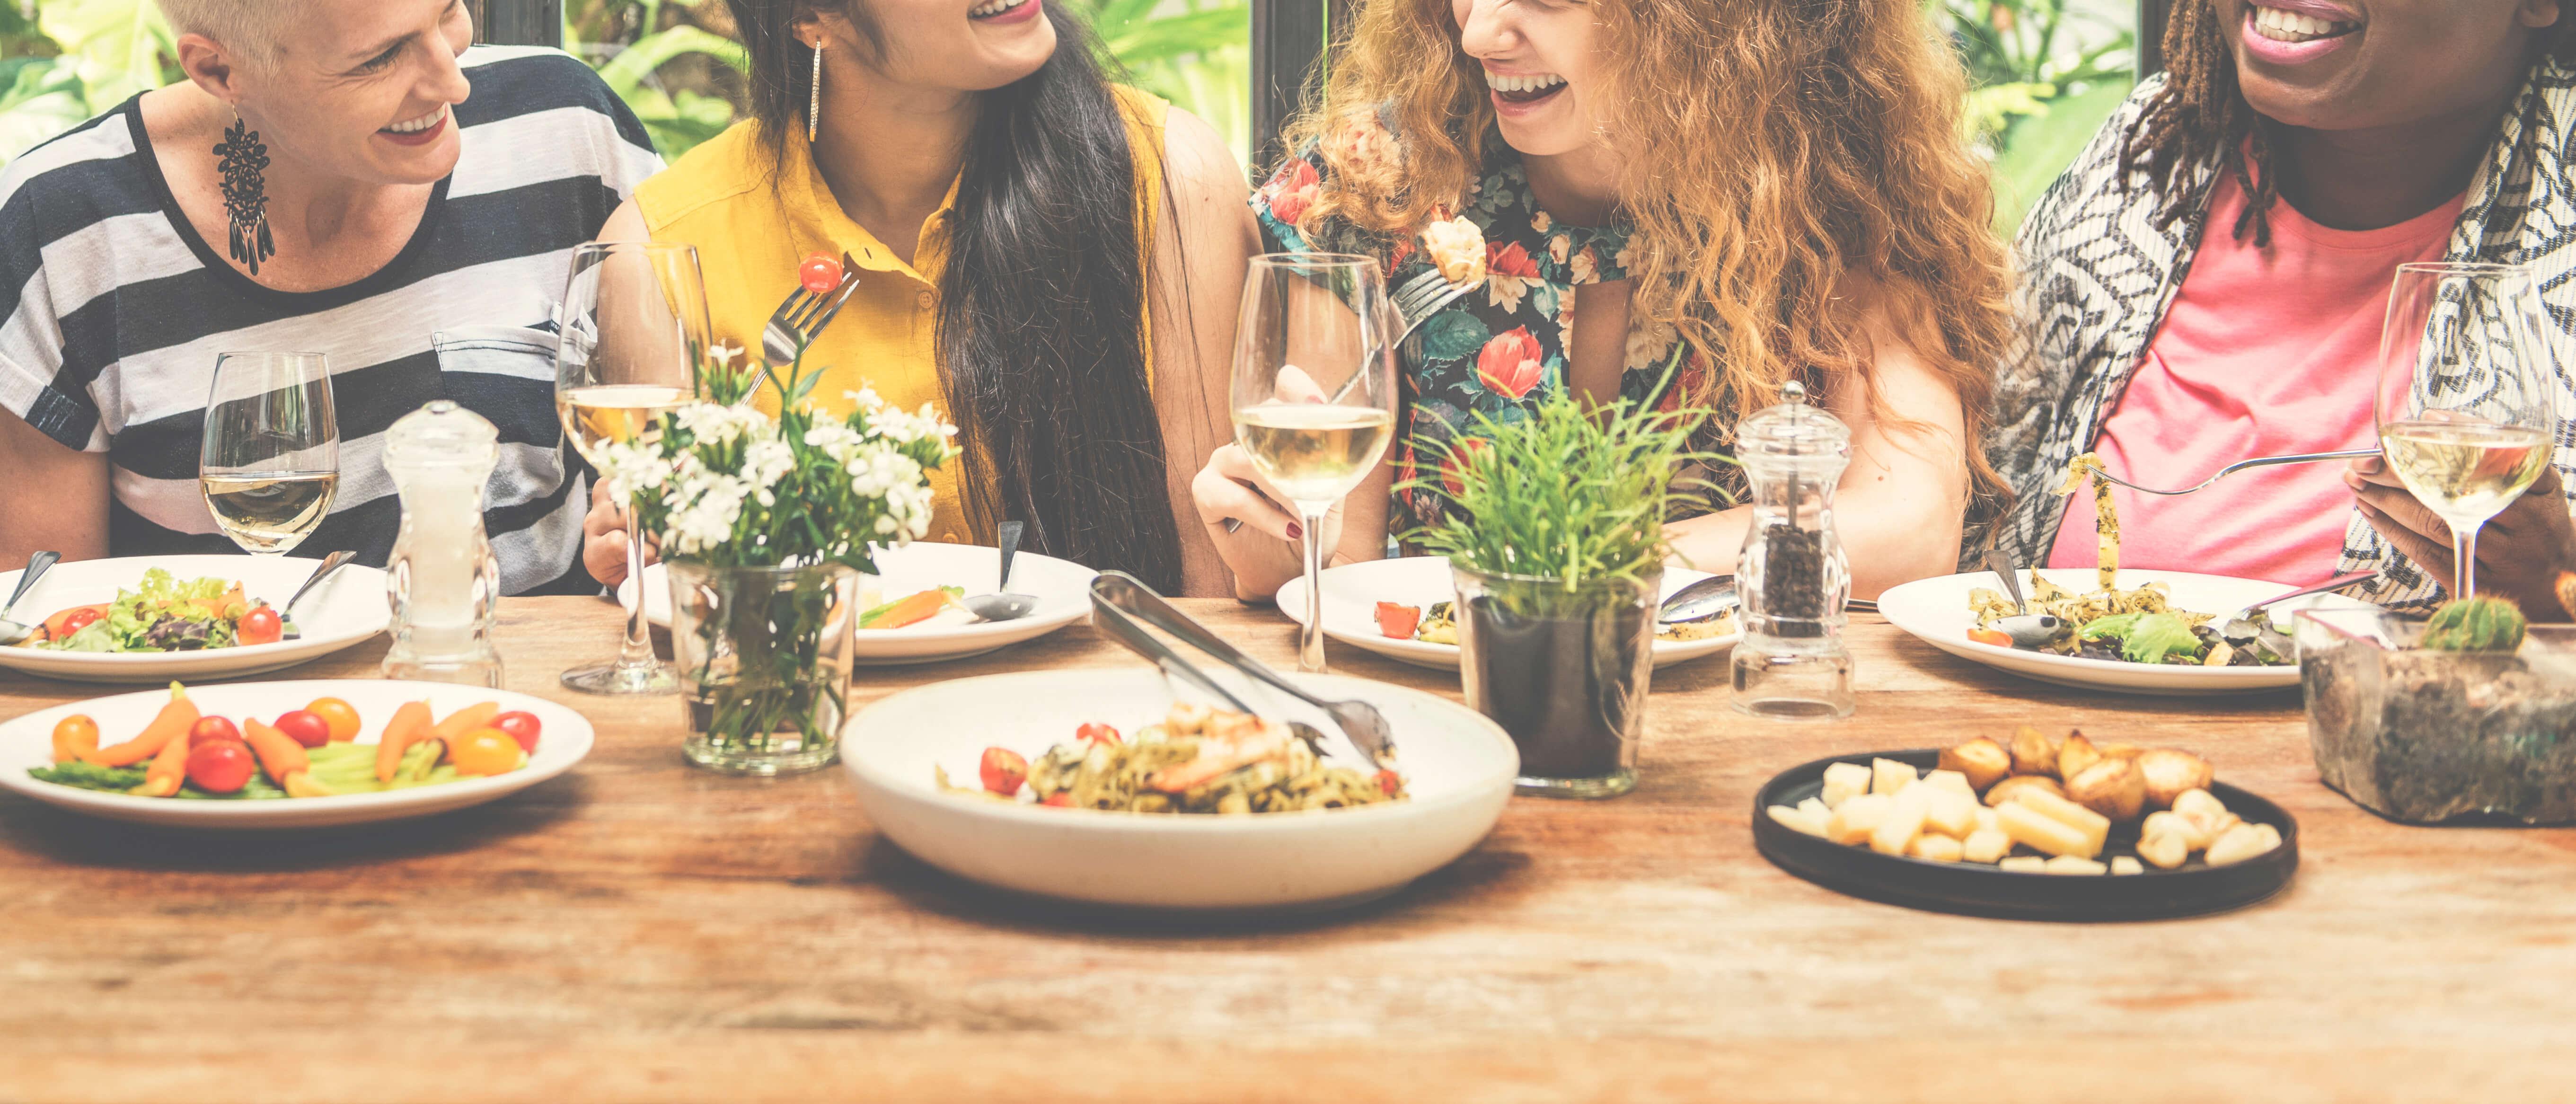 mujeres comiendo juntas